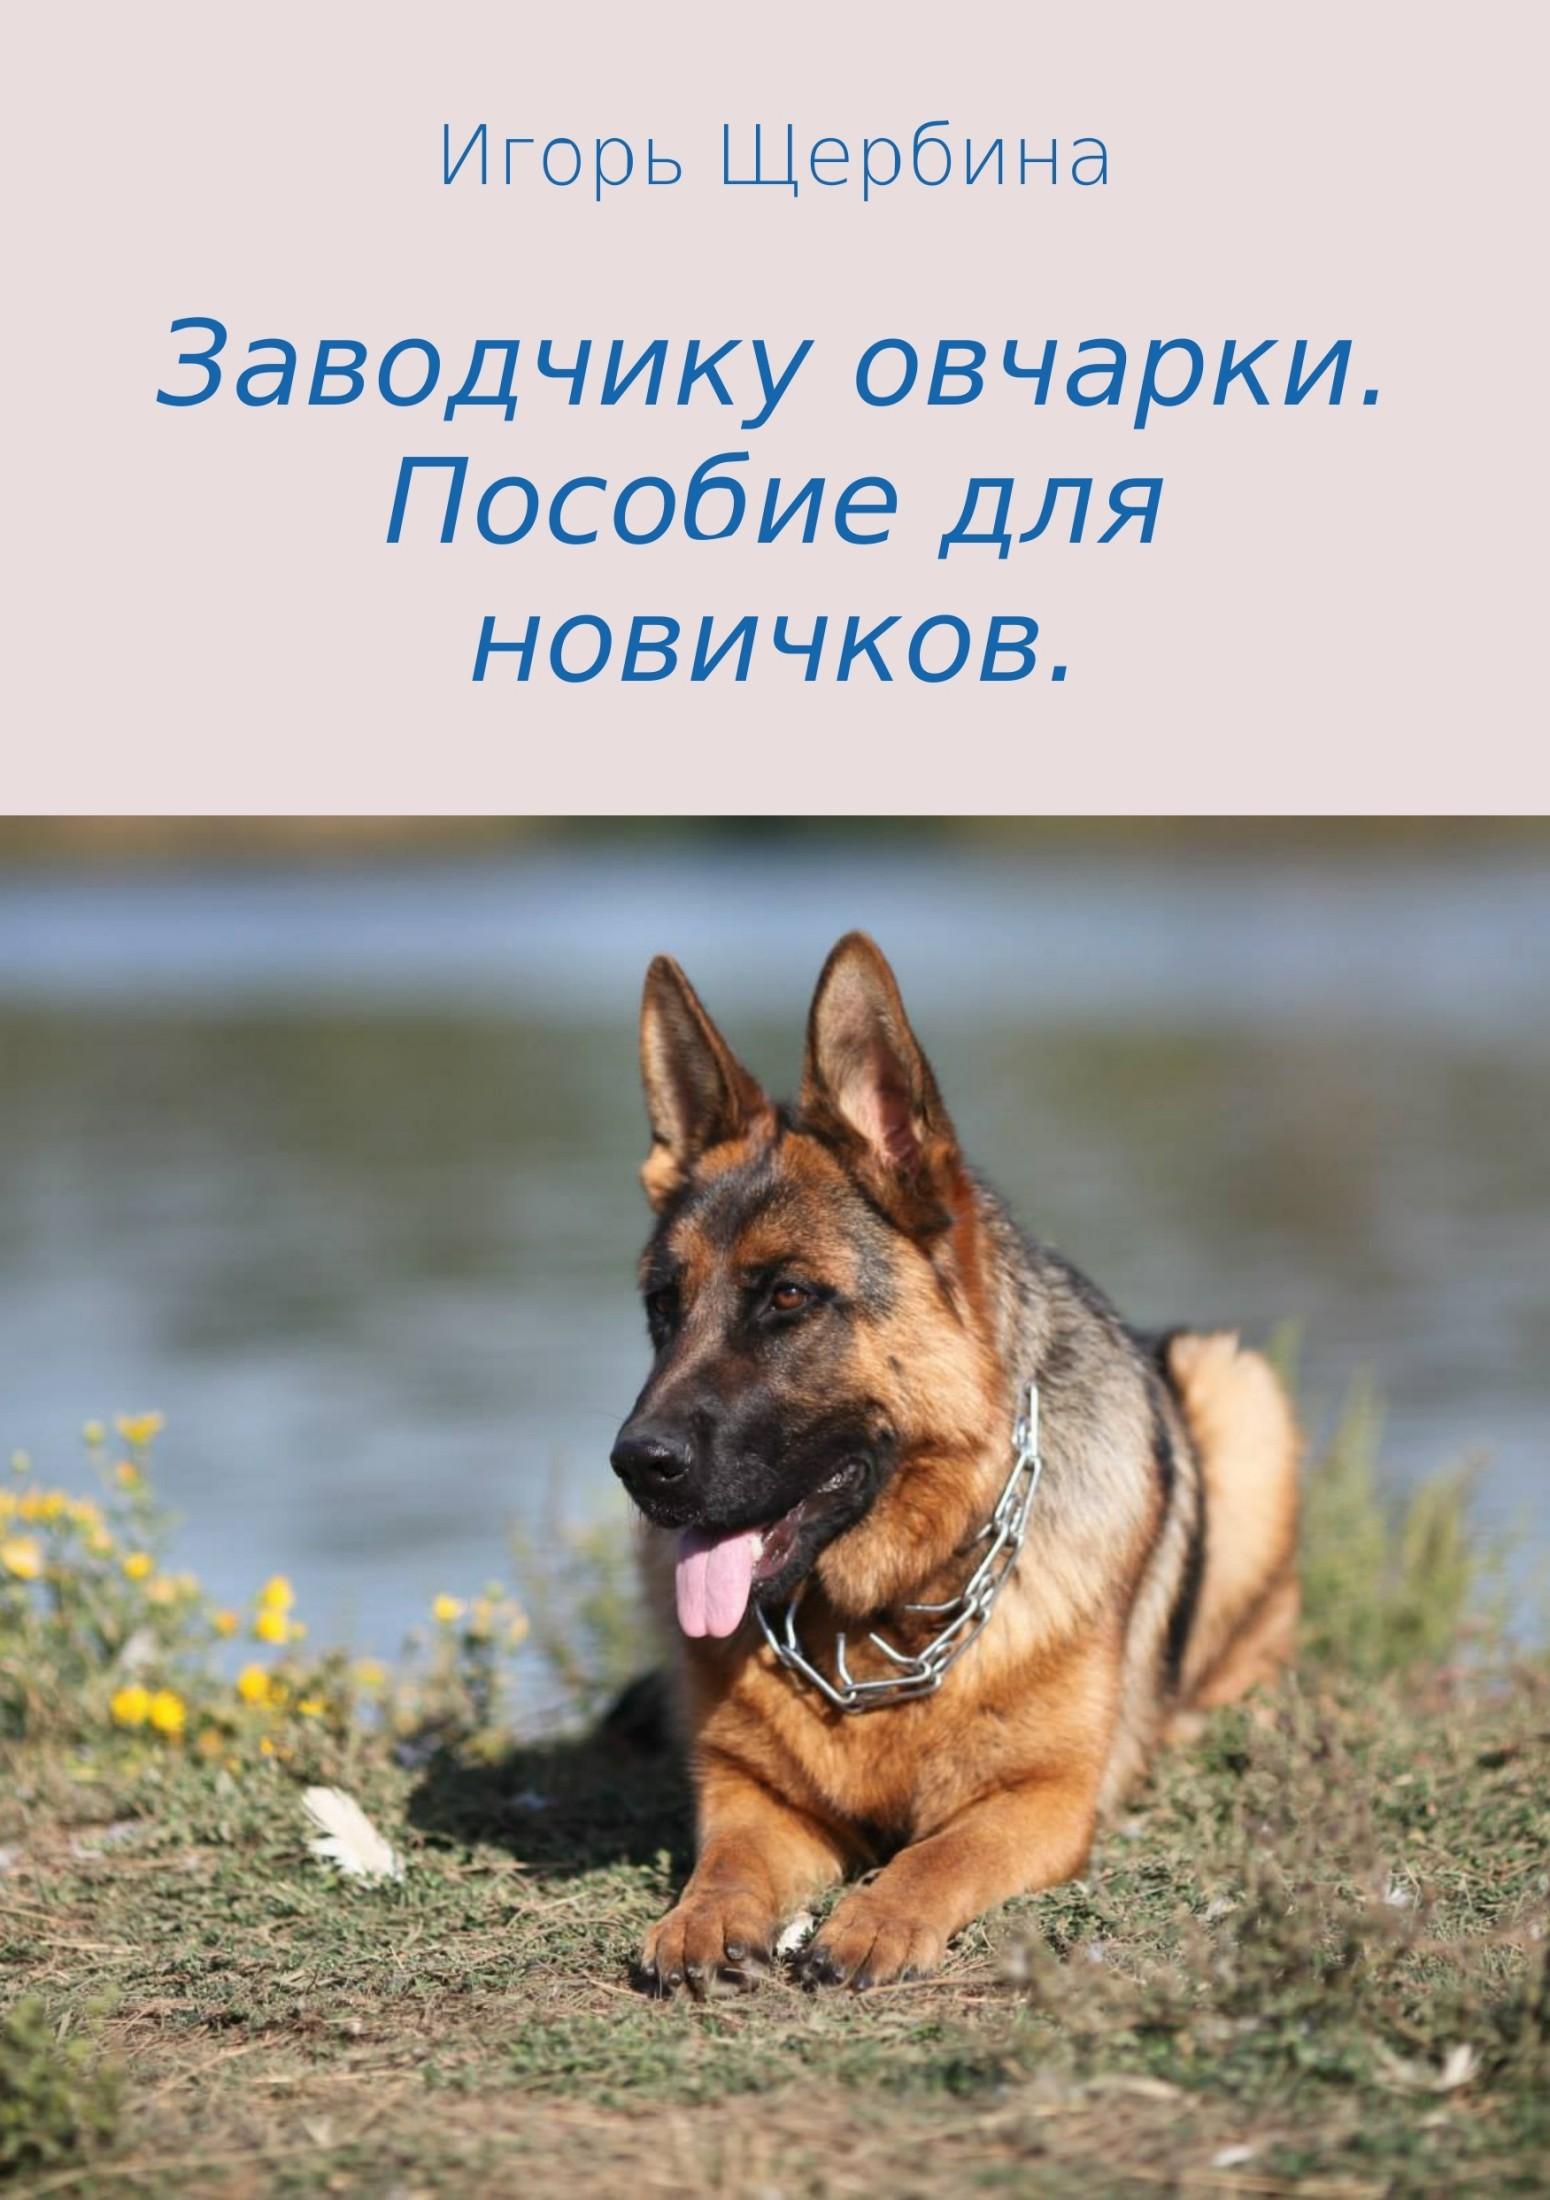 Игорь Анатольевич Щербина. Заводчику овчарки. Пособие для новичков